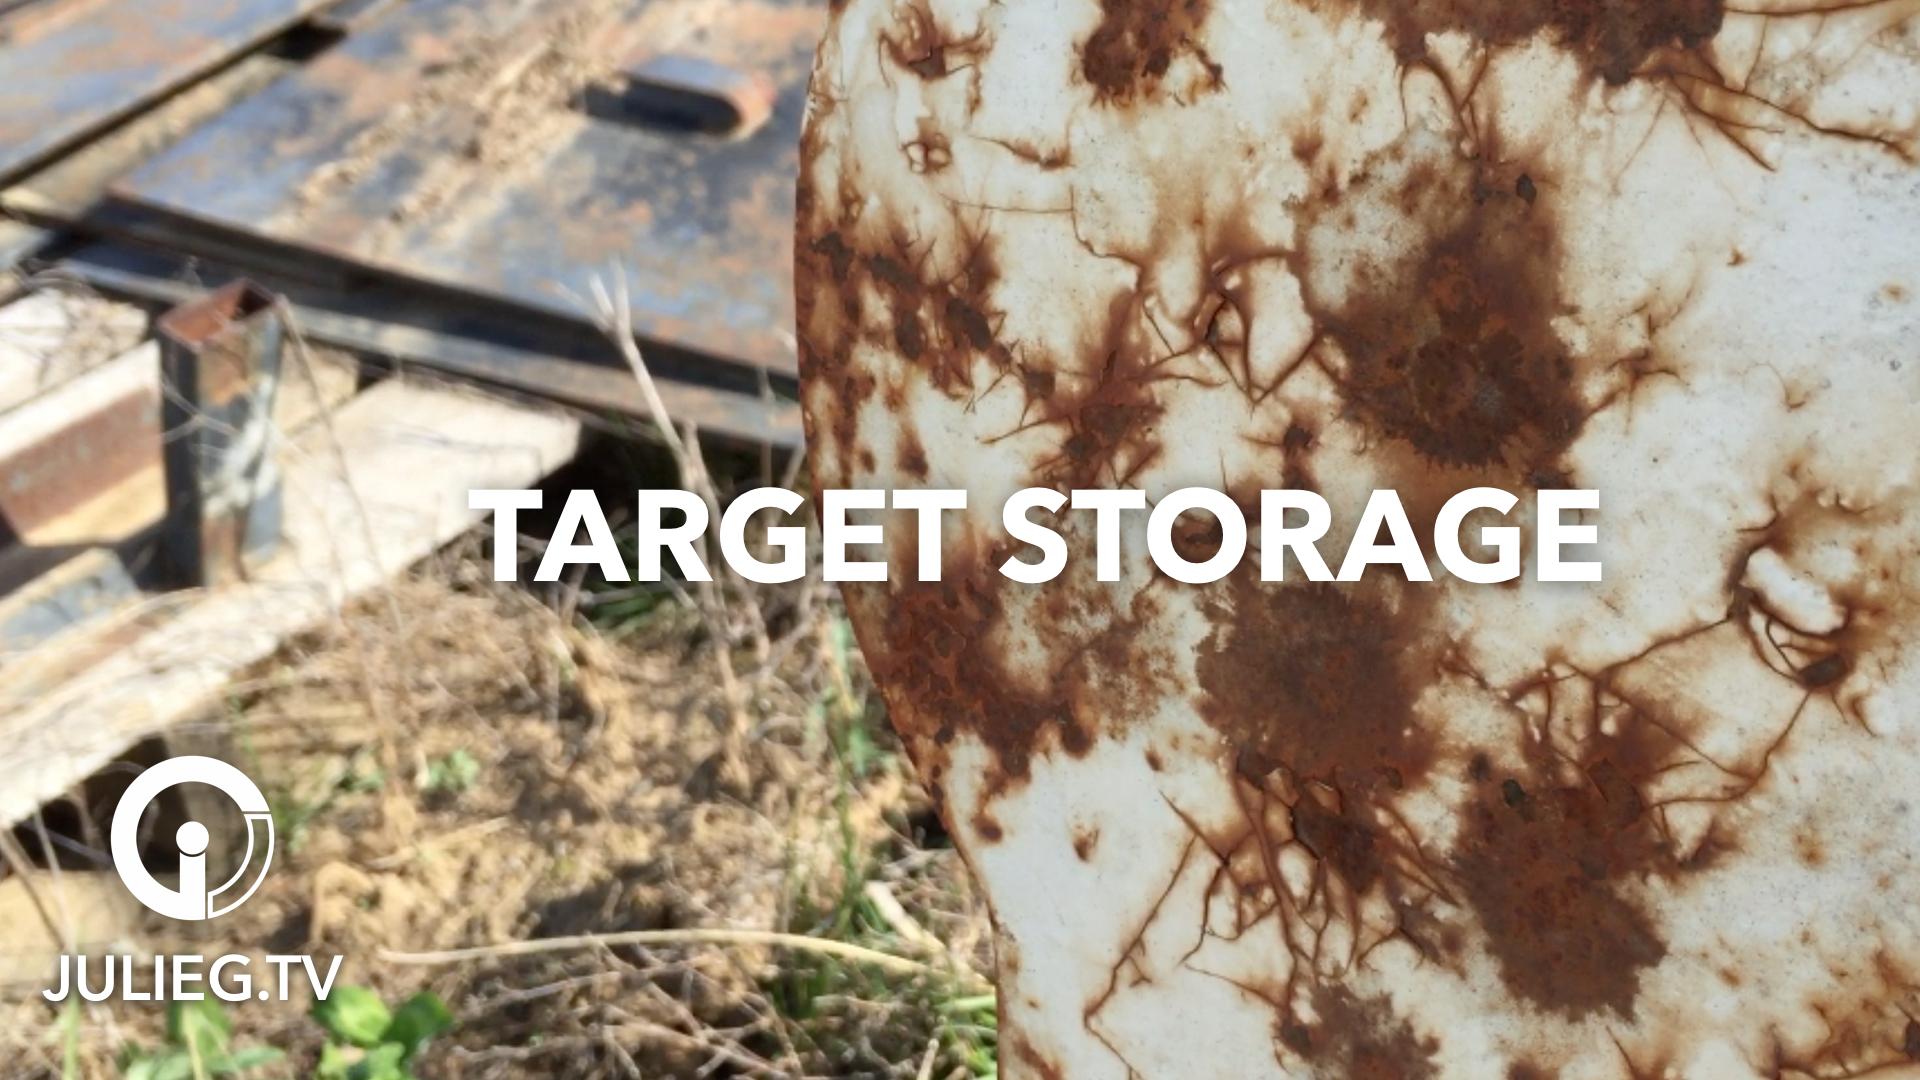 Target storage